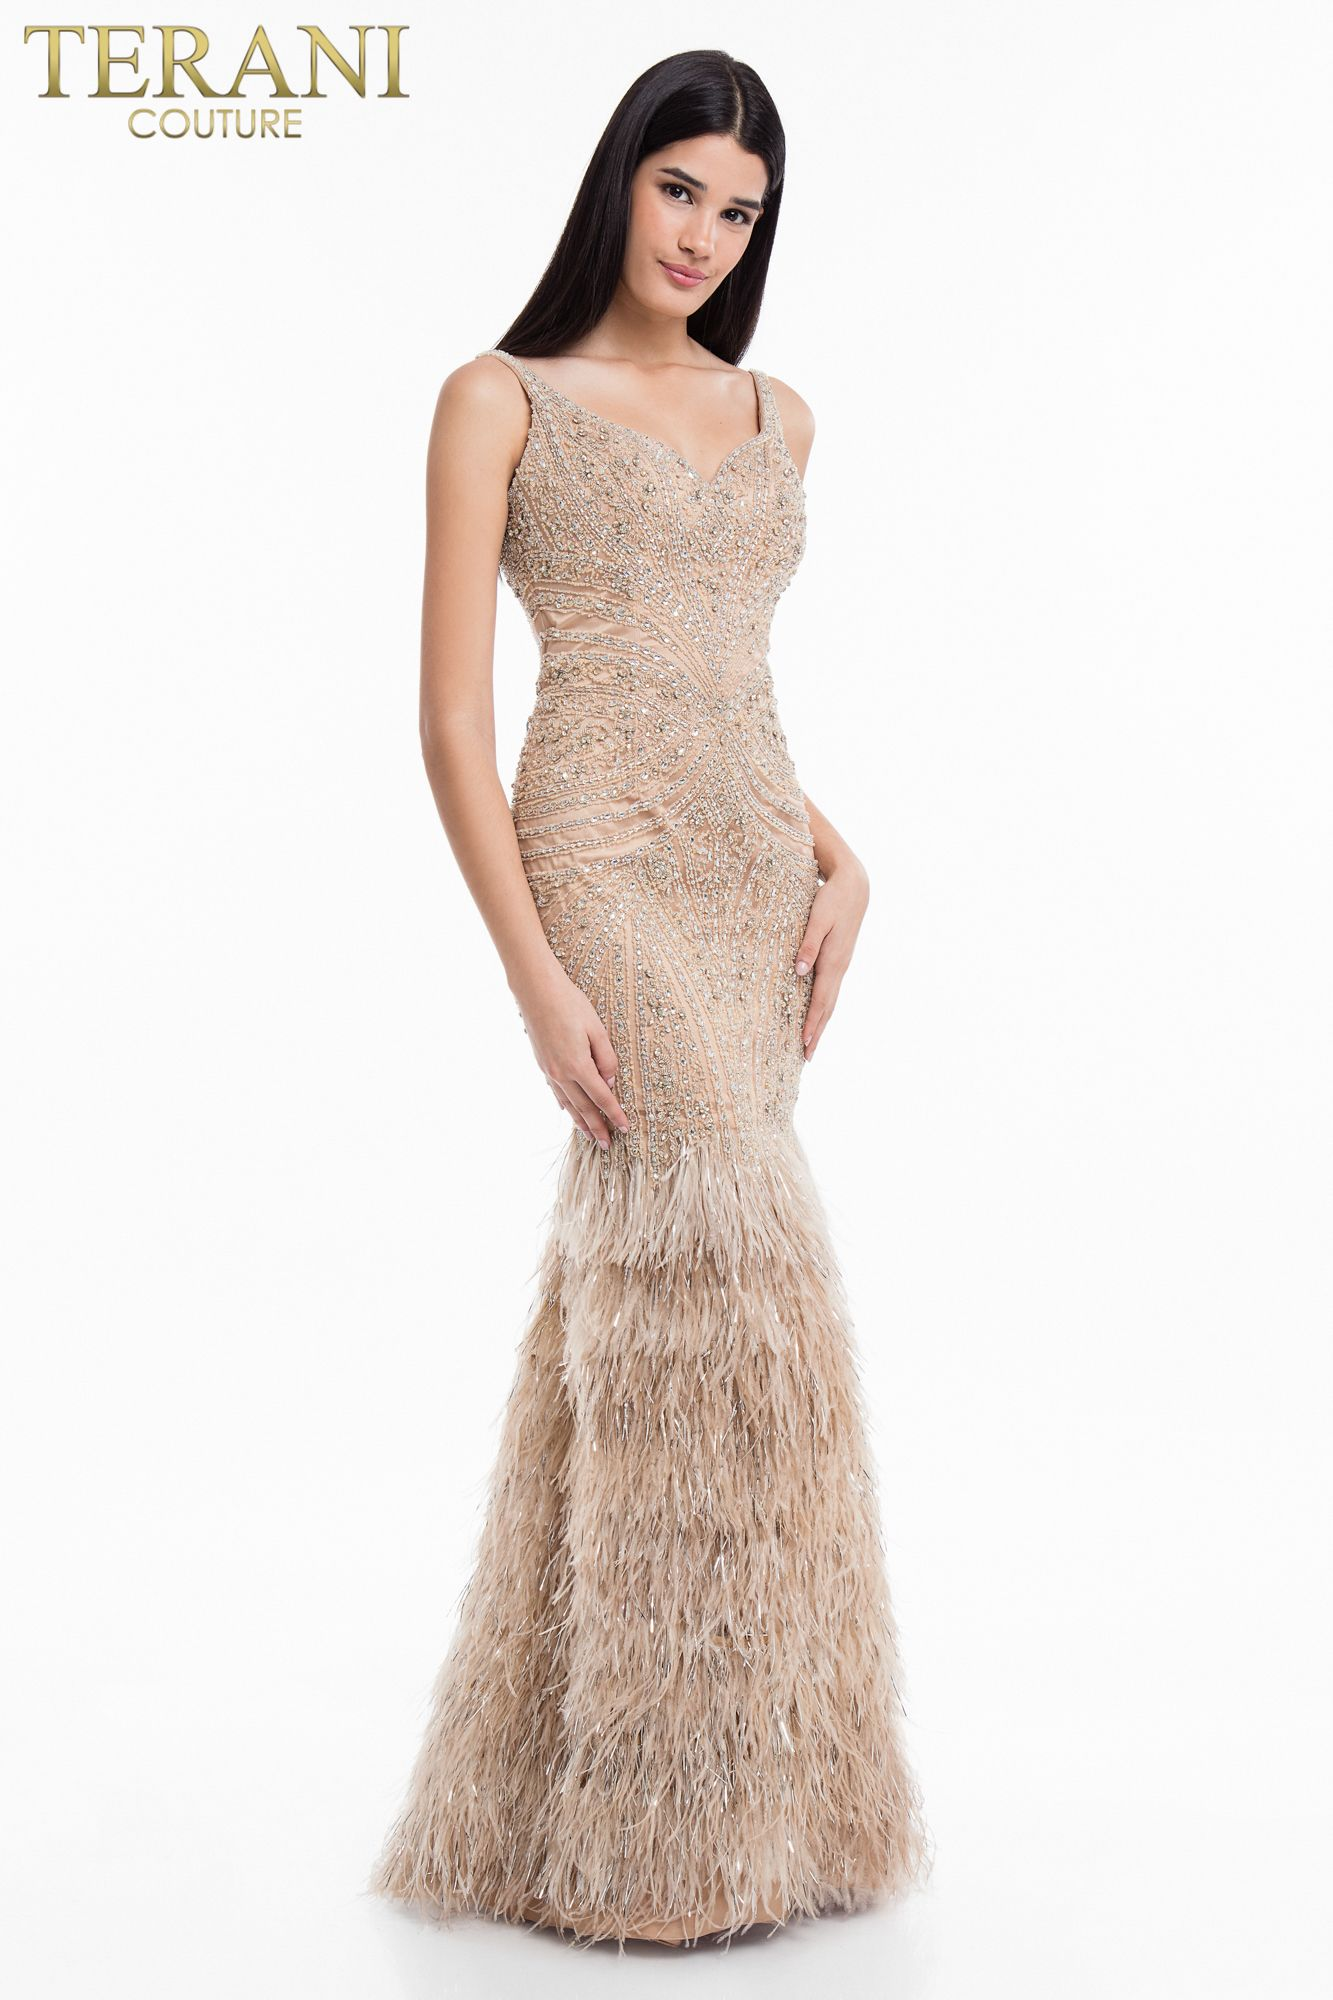 1811GL6474 | Carmen carrera, Terani couture, Couture fashion